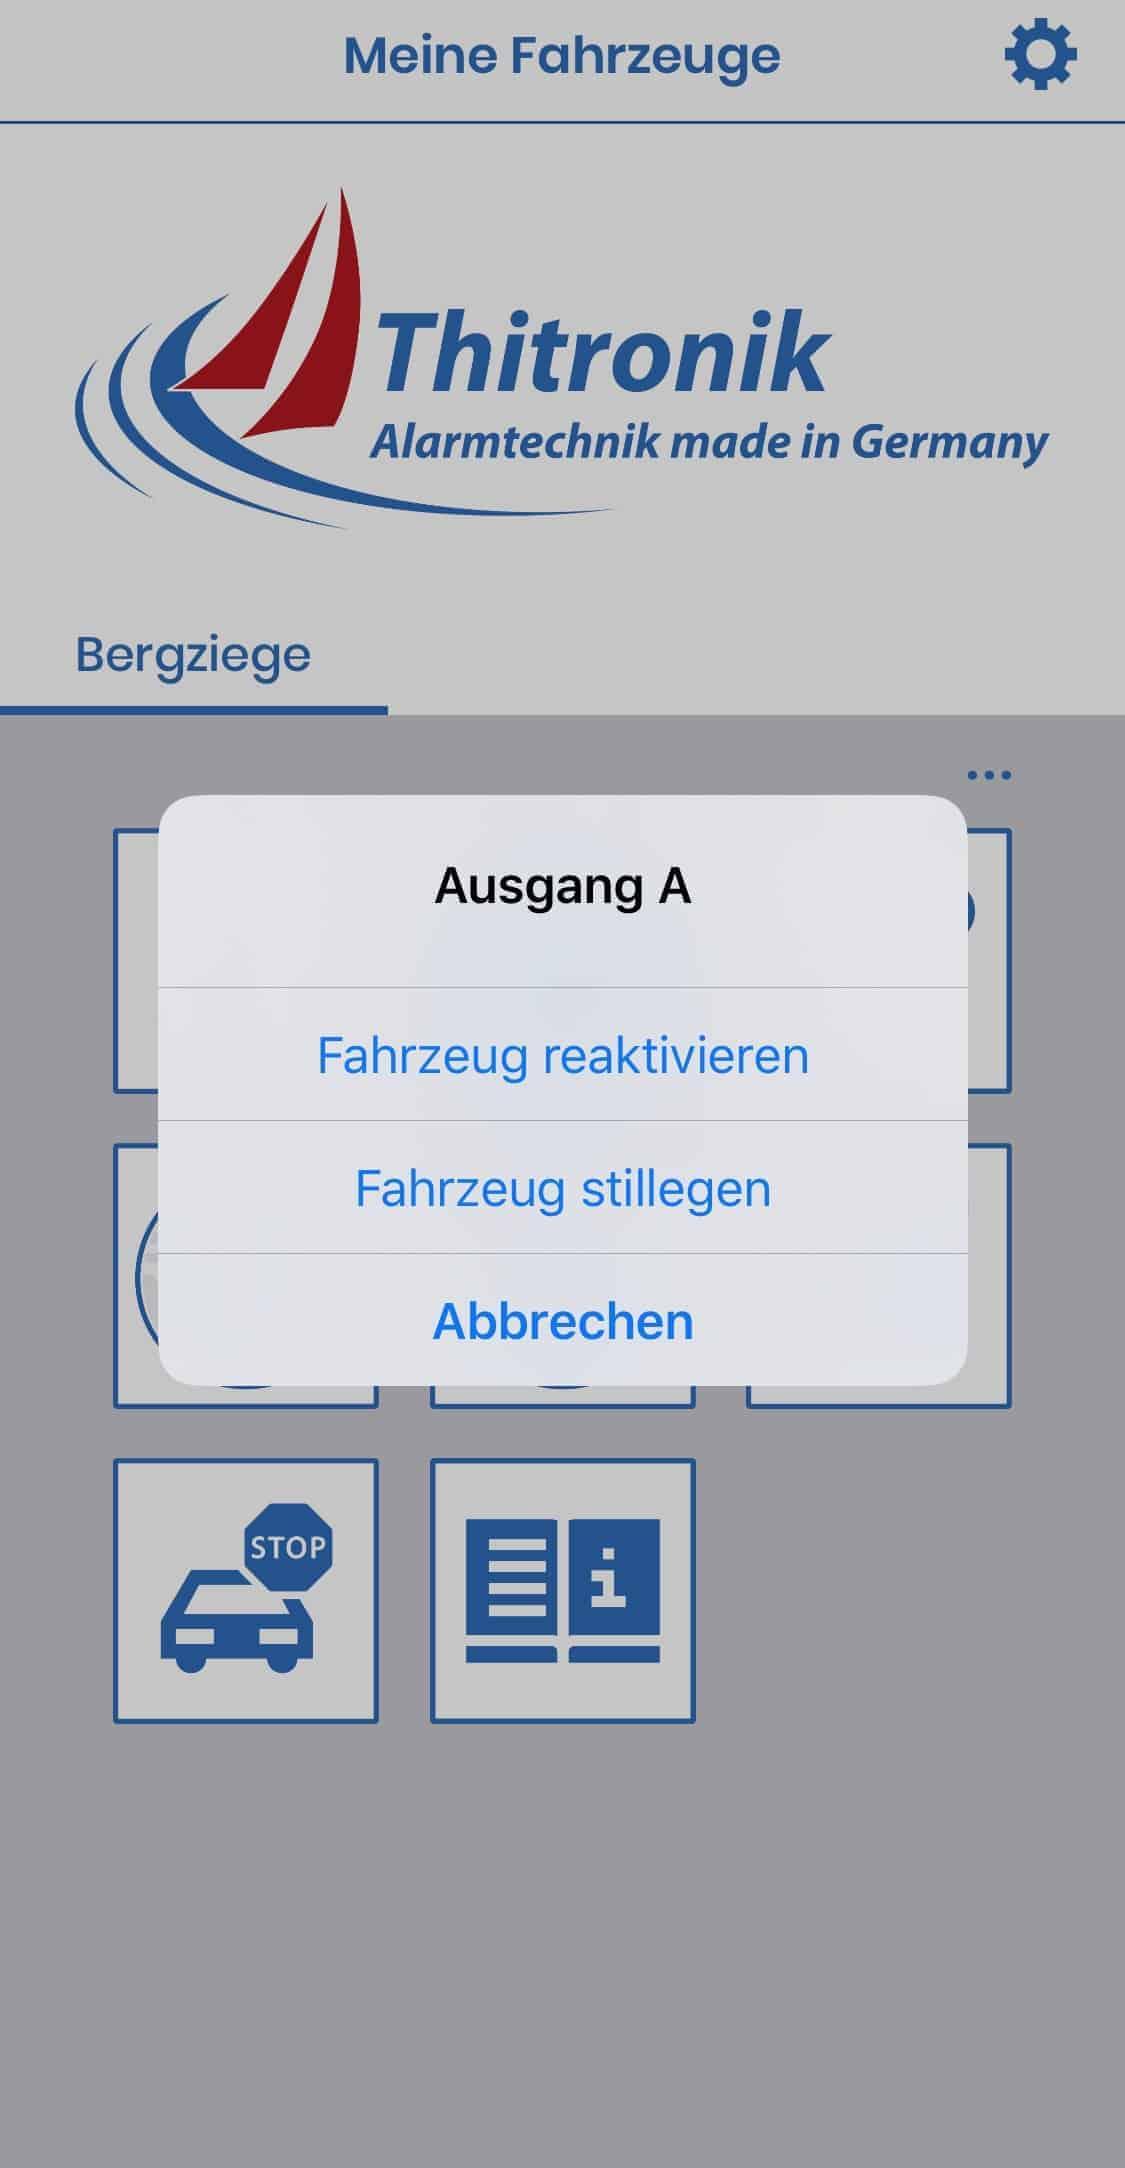 Thitronik_App_Fahrzeug_stillegen_und_ausser_Betrieb_nehmen